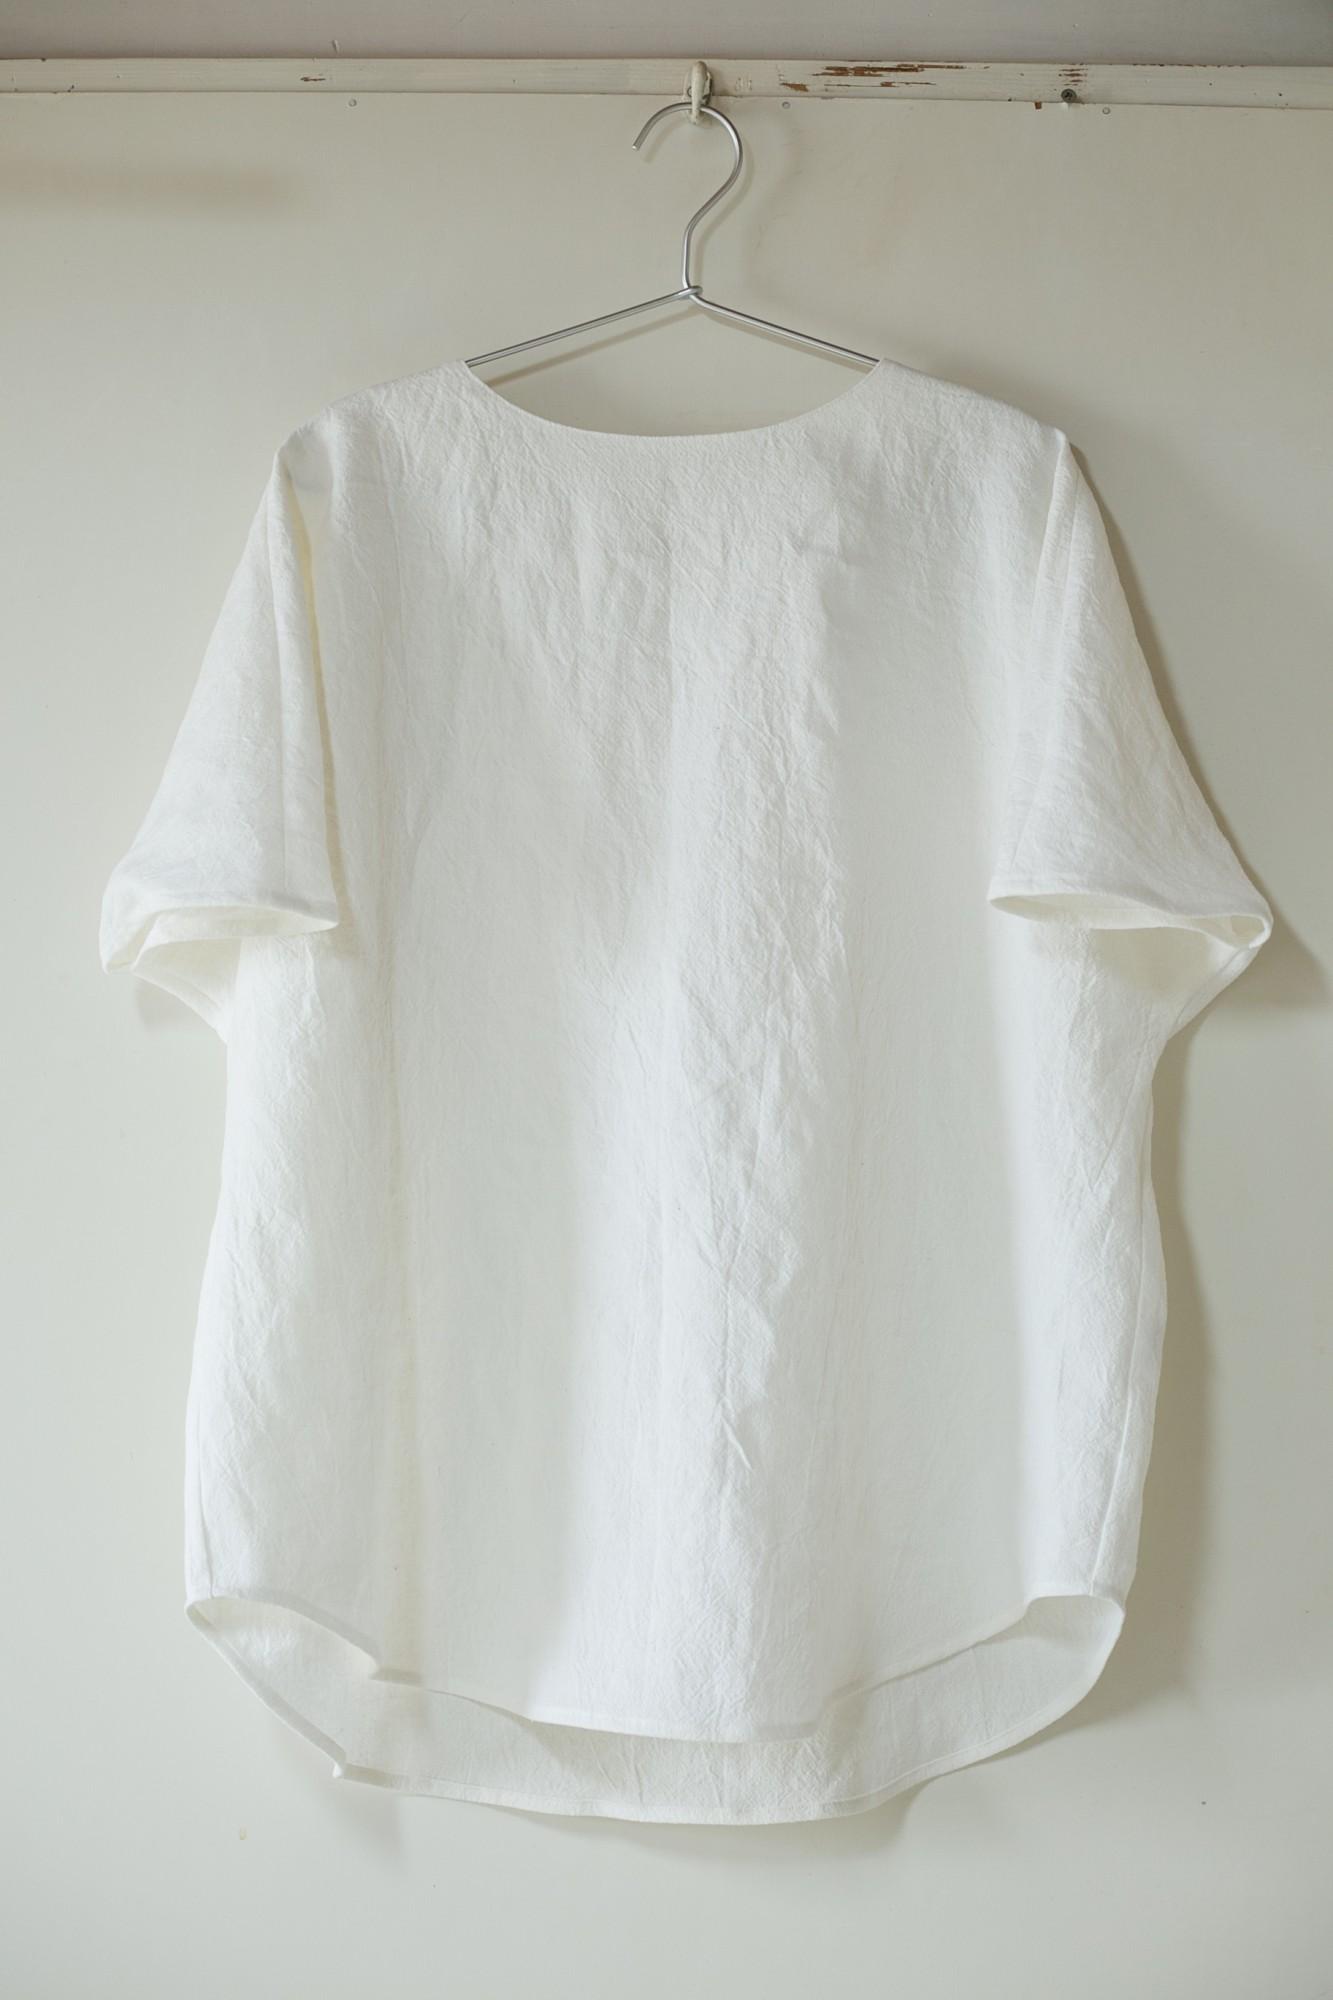 3人展で発表する作品はモノトーンが基調。春が待ち遠しい服が並びそう。